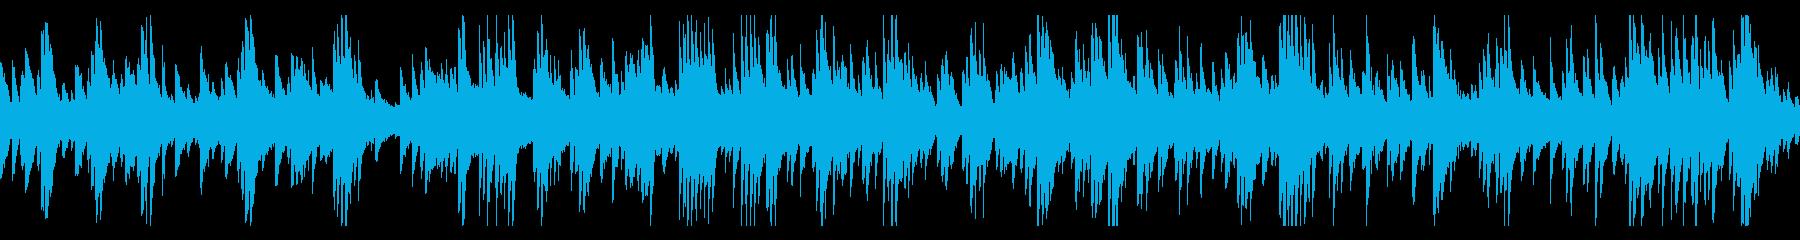 ギター&ピアノ ゆったりラウンジBGMの再生済みの波形